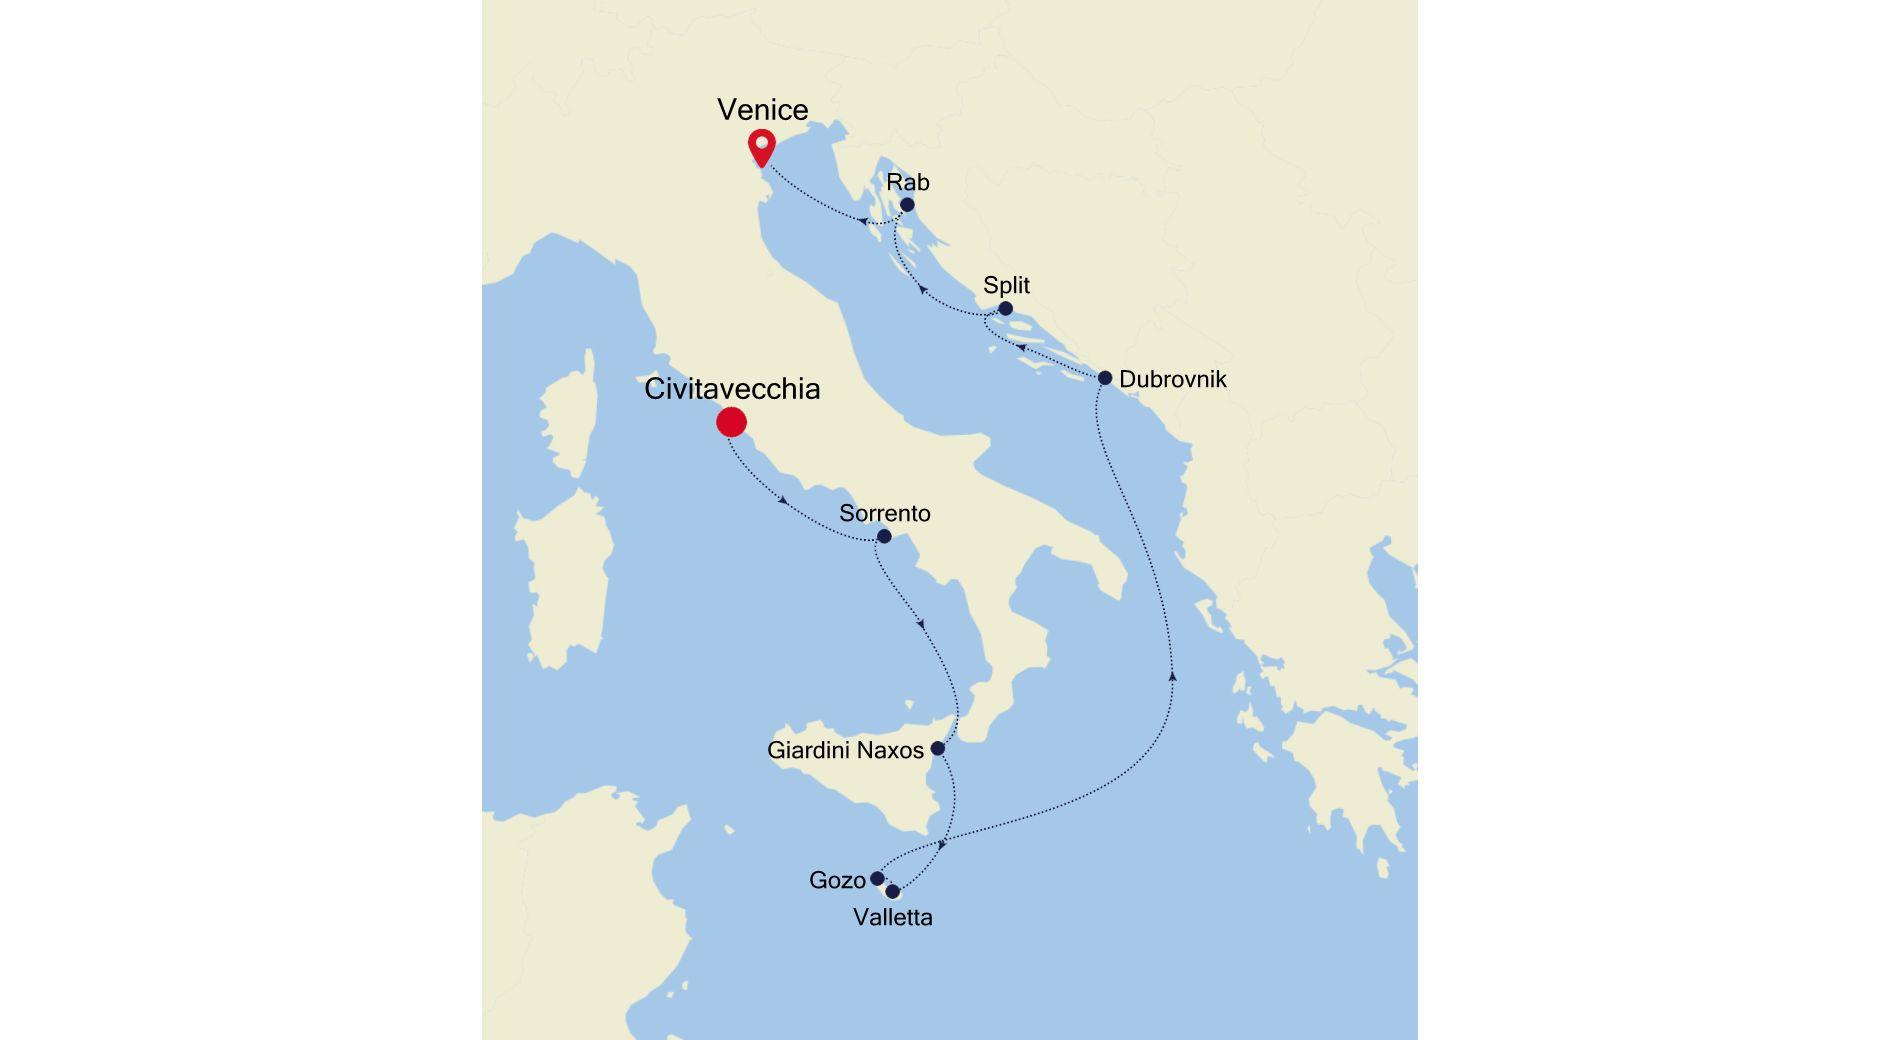 SS200707010 - Civitavecchia a Venice